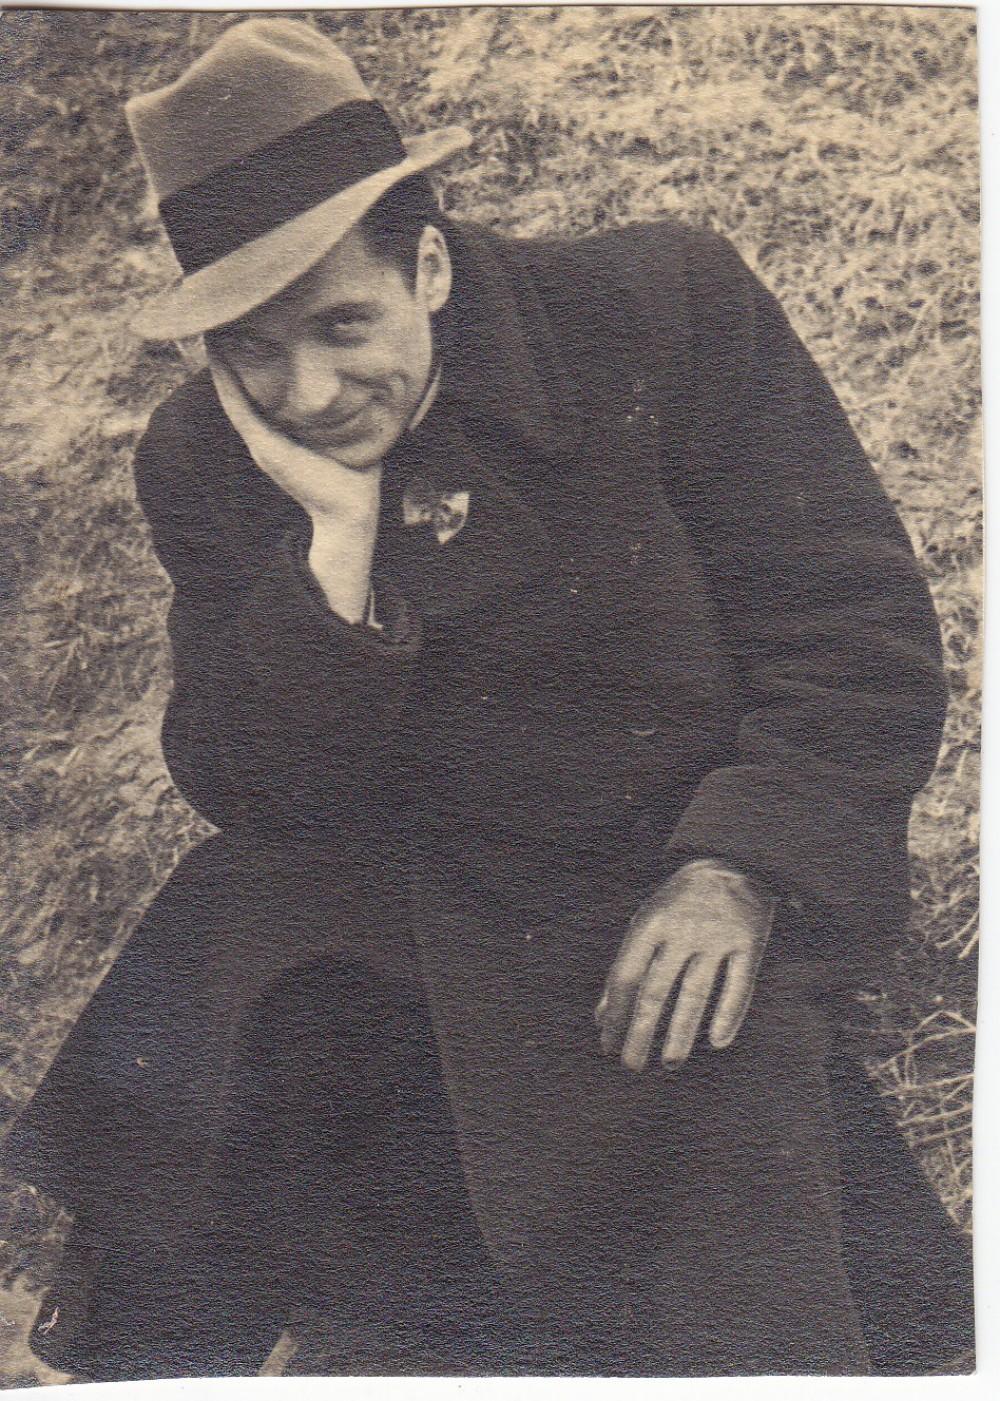 Lietuva. Apie 1942 m.